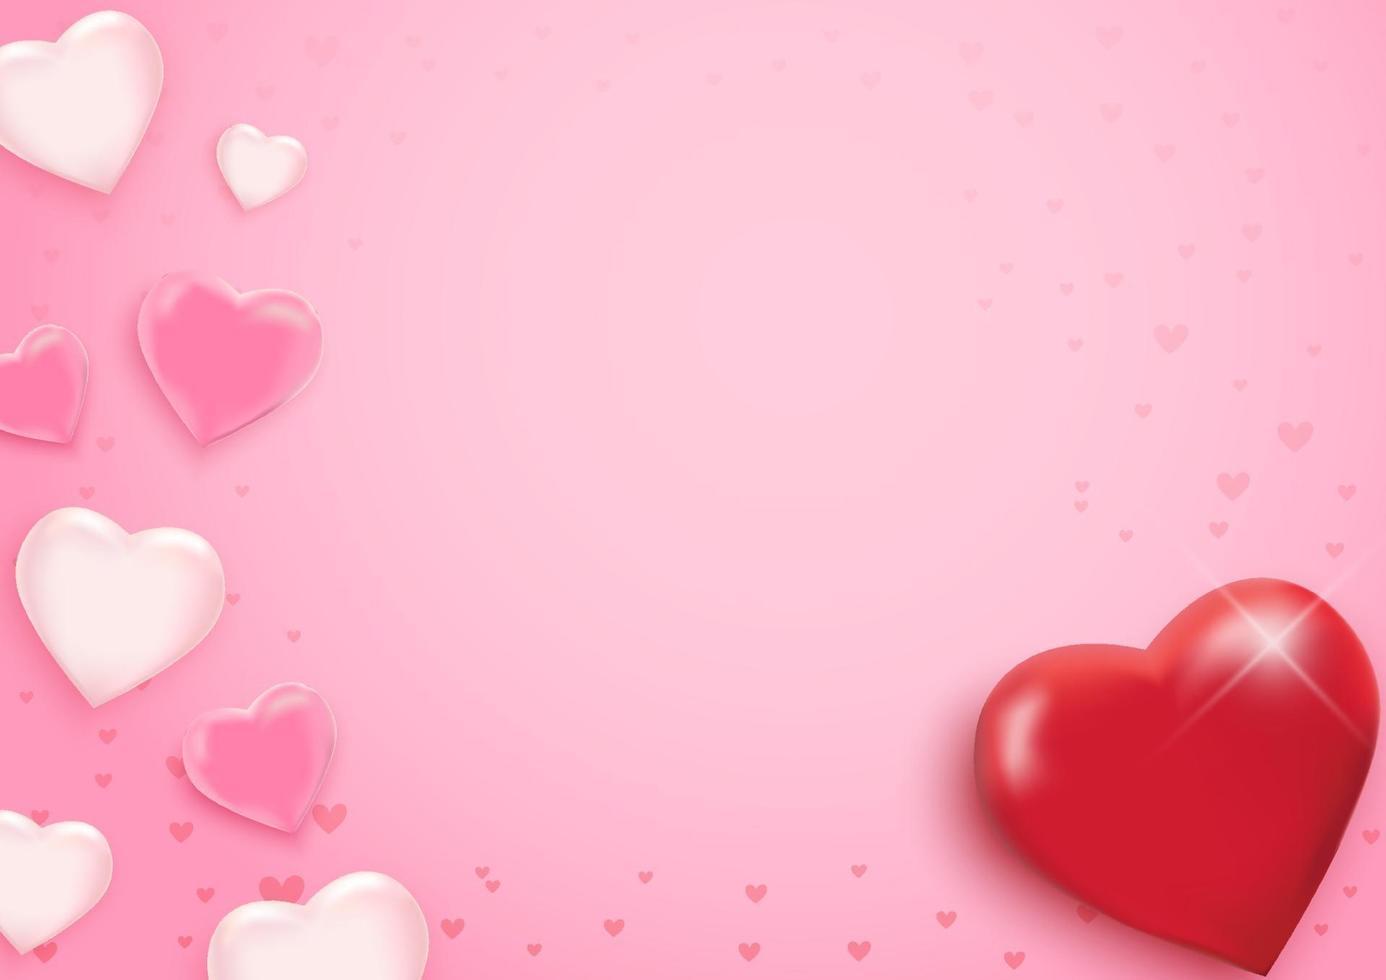 Valentijnsdag achtergrond met hartjes. vector illustratie. behang, flyers, uitnodiging, posters, brochure, banners.